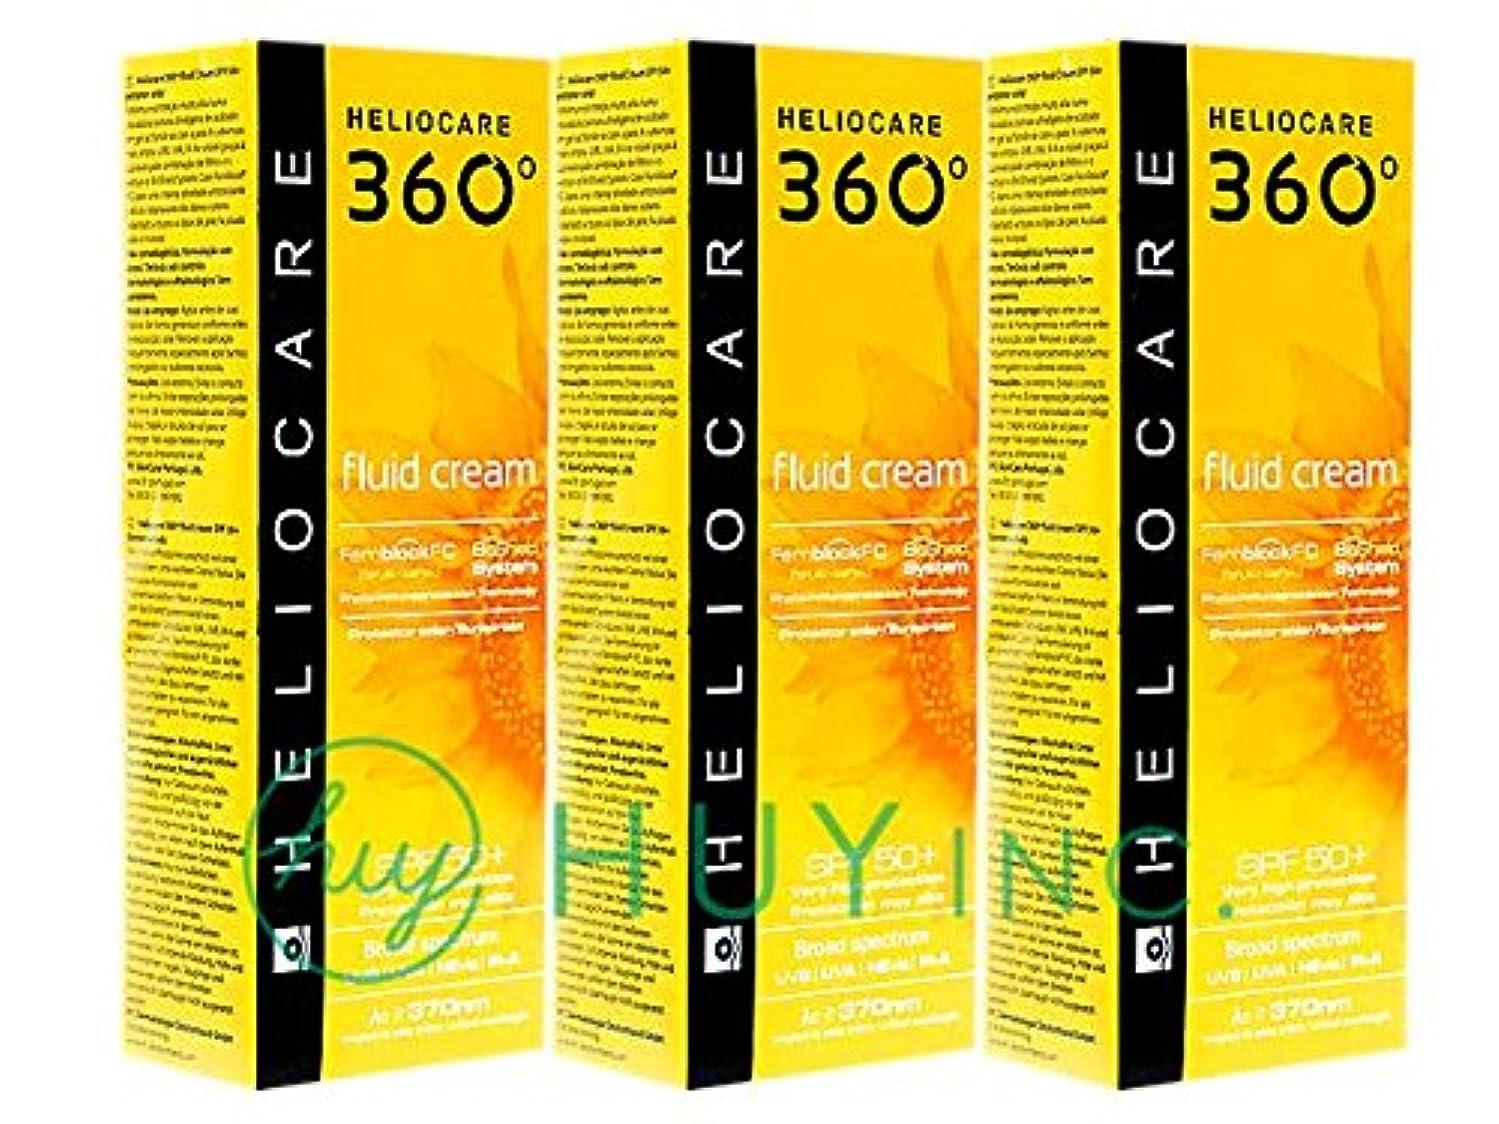 無駄胸道路ヘリオケア 360°フルイドクリーム(Heliocare360FluidCream)SPF50+ 3ボトル(50ml×3) [並行輸入品]